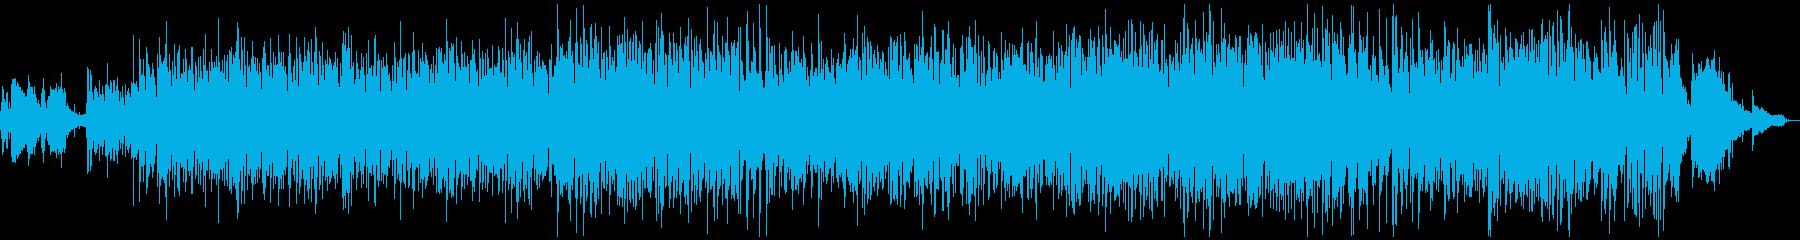 ピアノのお洒落でクラッシーなボサノバの再生済みの波形